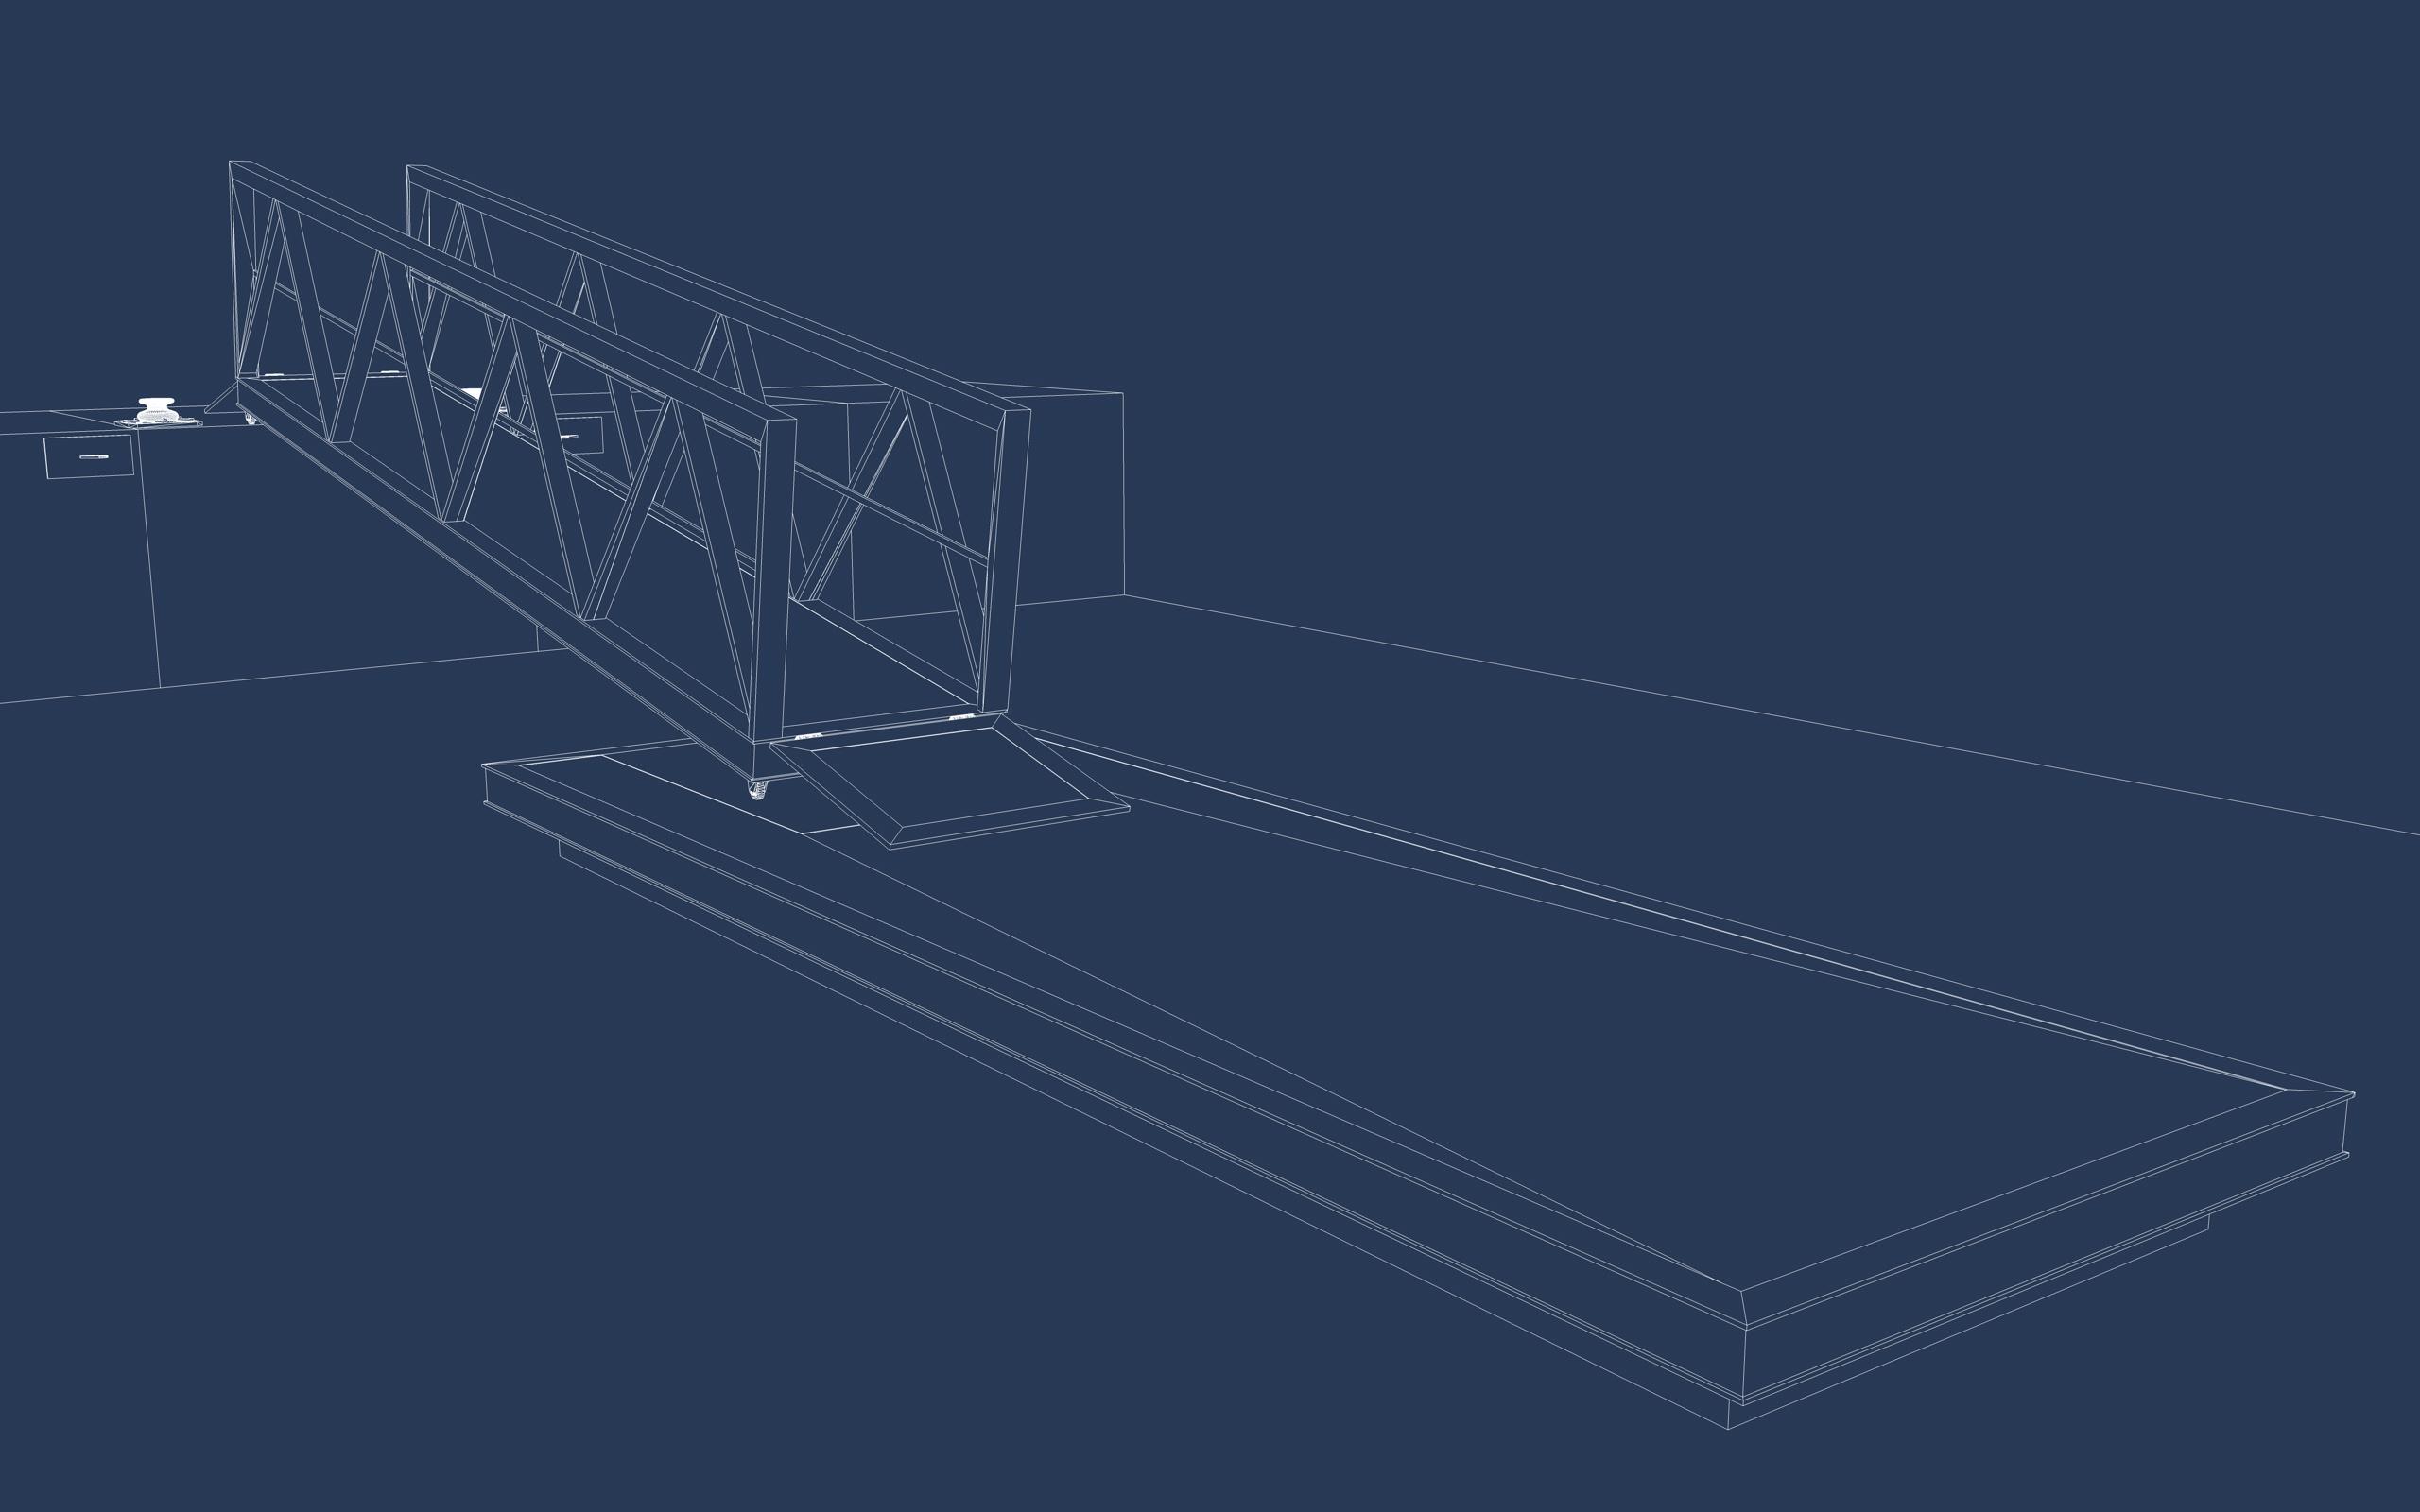 boat pier dock 3d model 3ds dxf fbx c4d skp obj 148410